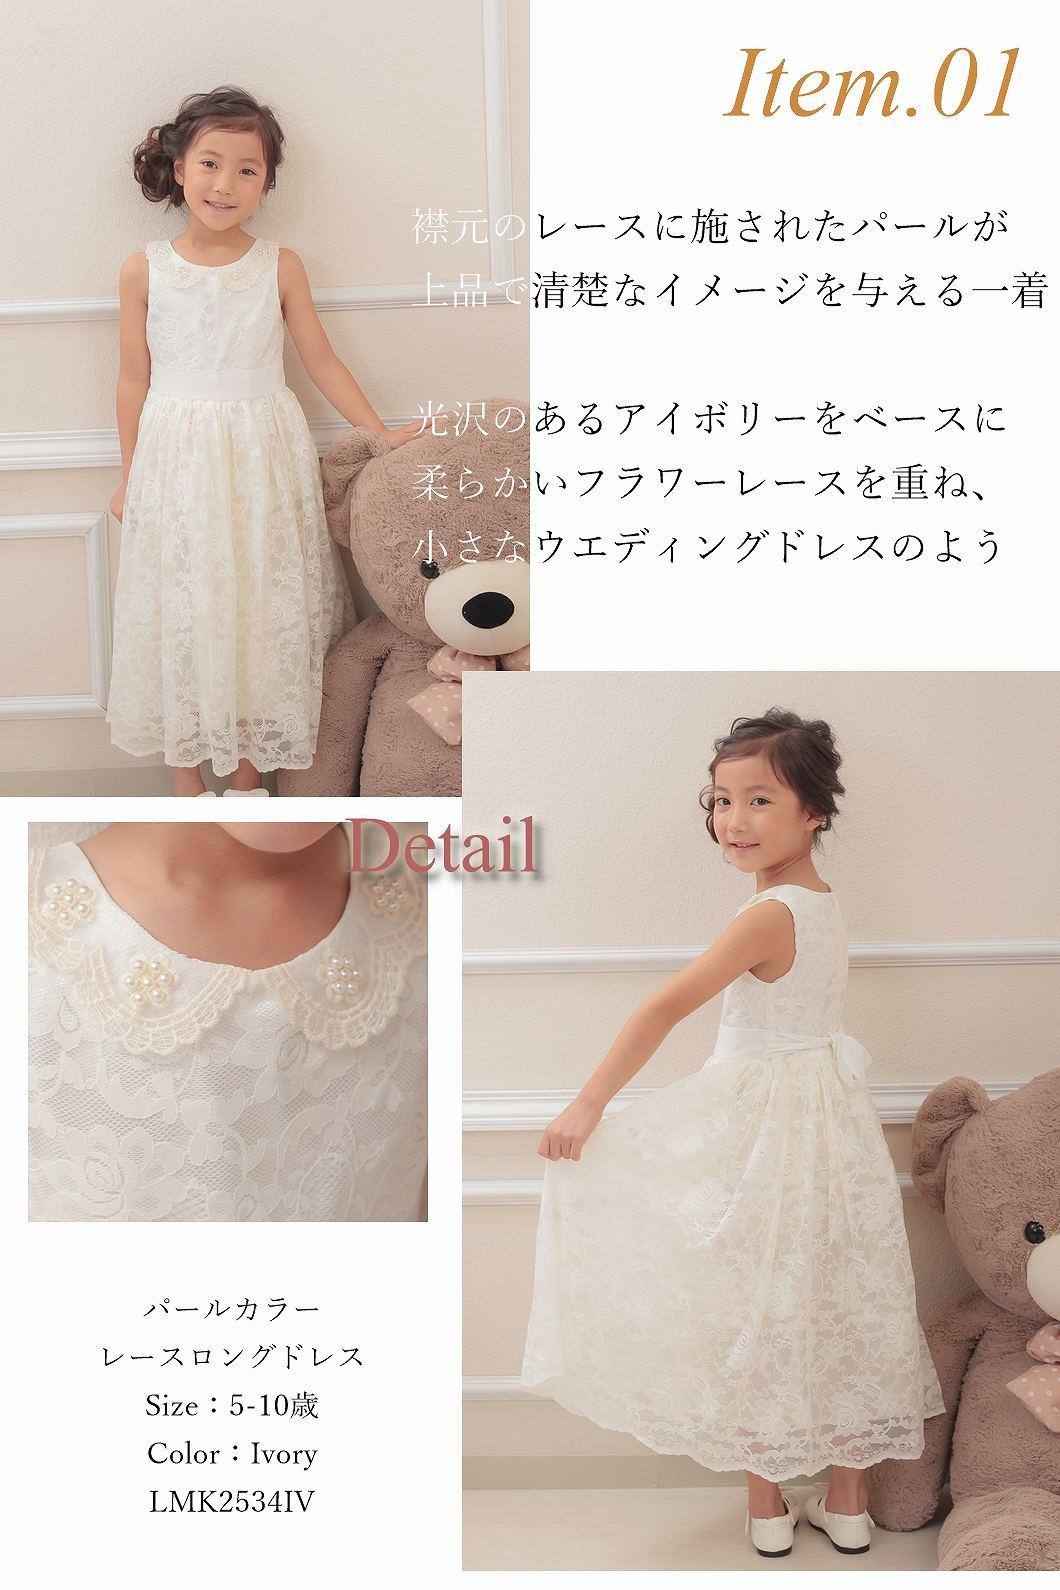 ウエディングドレスのような高級感が綺麗な白ロングドレス